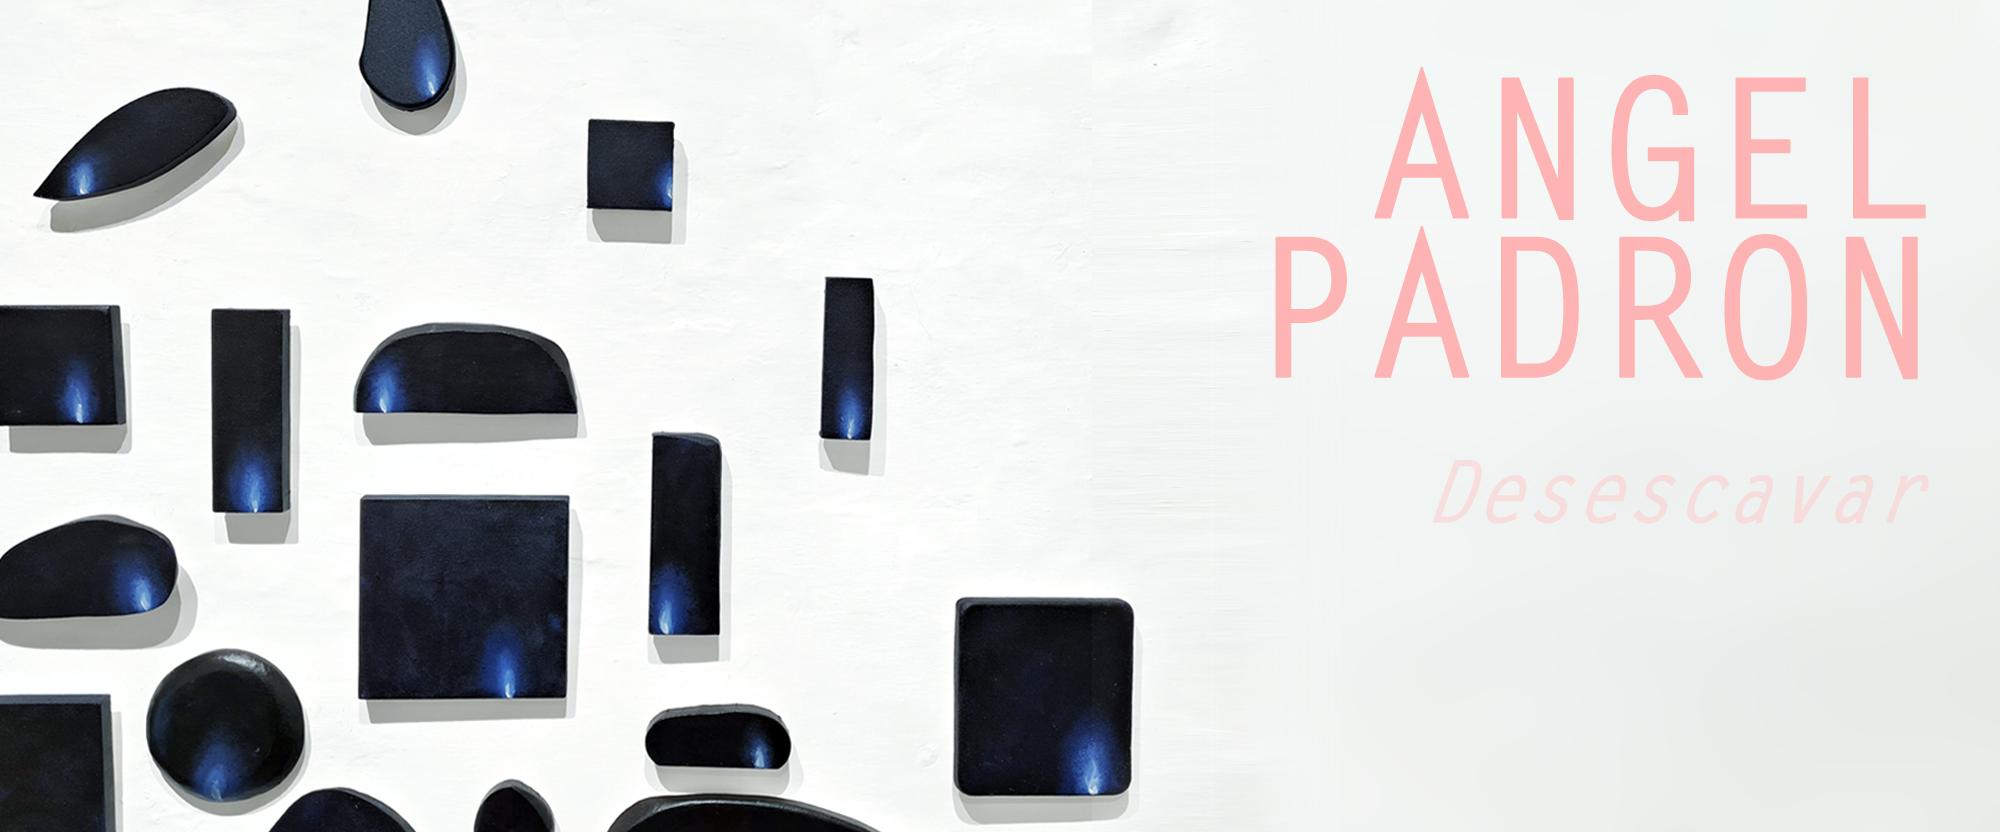 Ángel Padrón presenta «Desescavar » en la Galería Artizar»